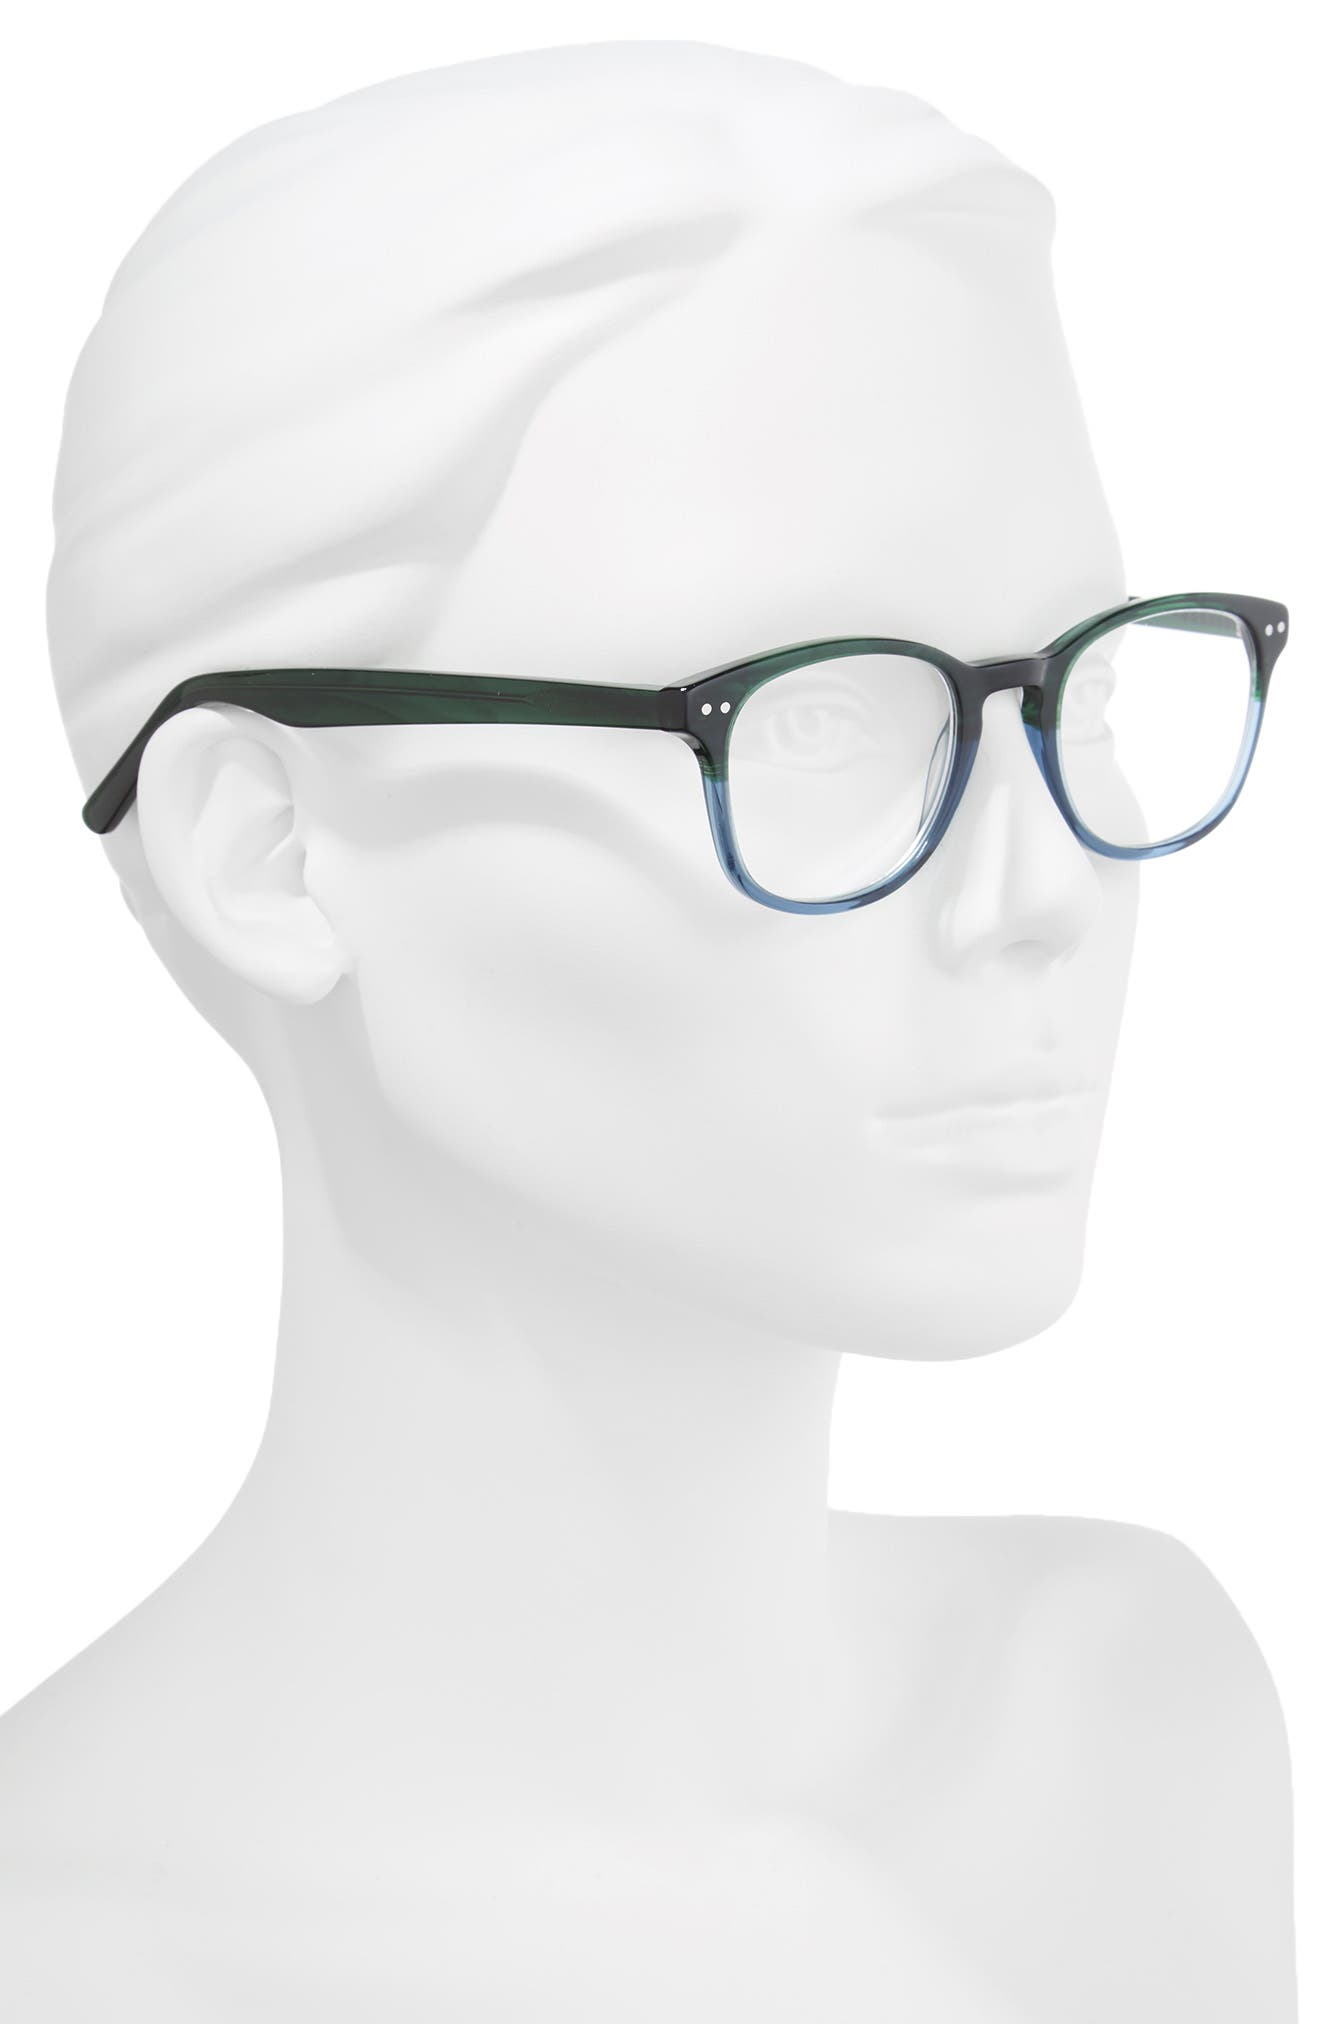 Ricki 49mm Reading Glasses,                             Alternate thumbnail 2, color,                             GREEN